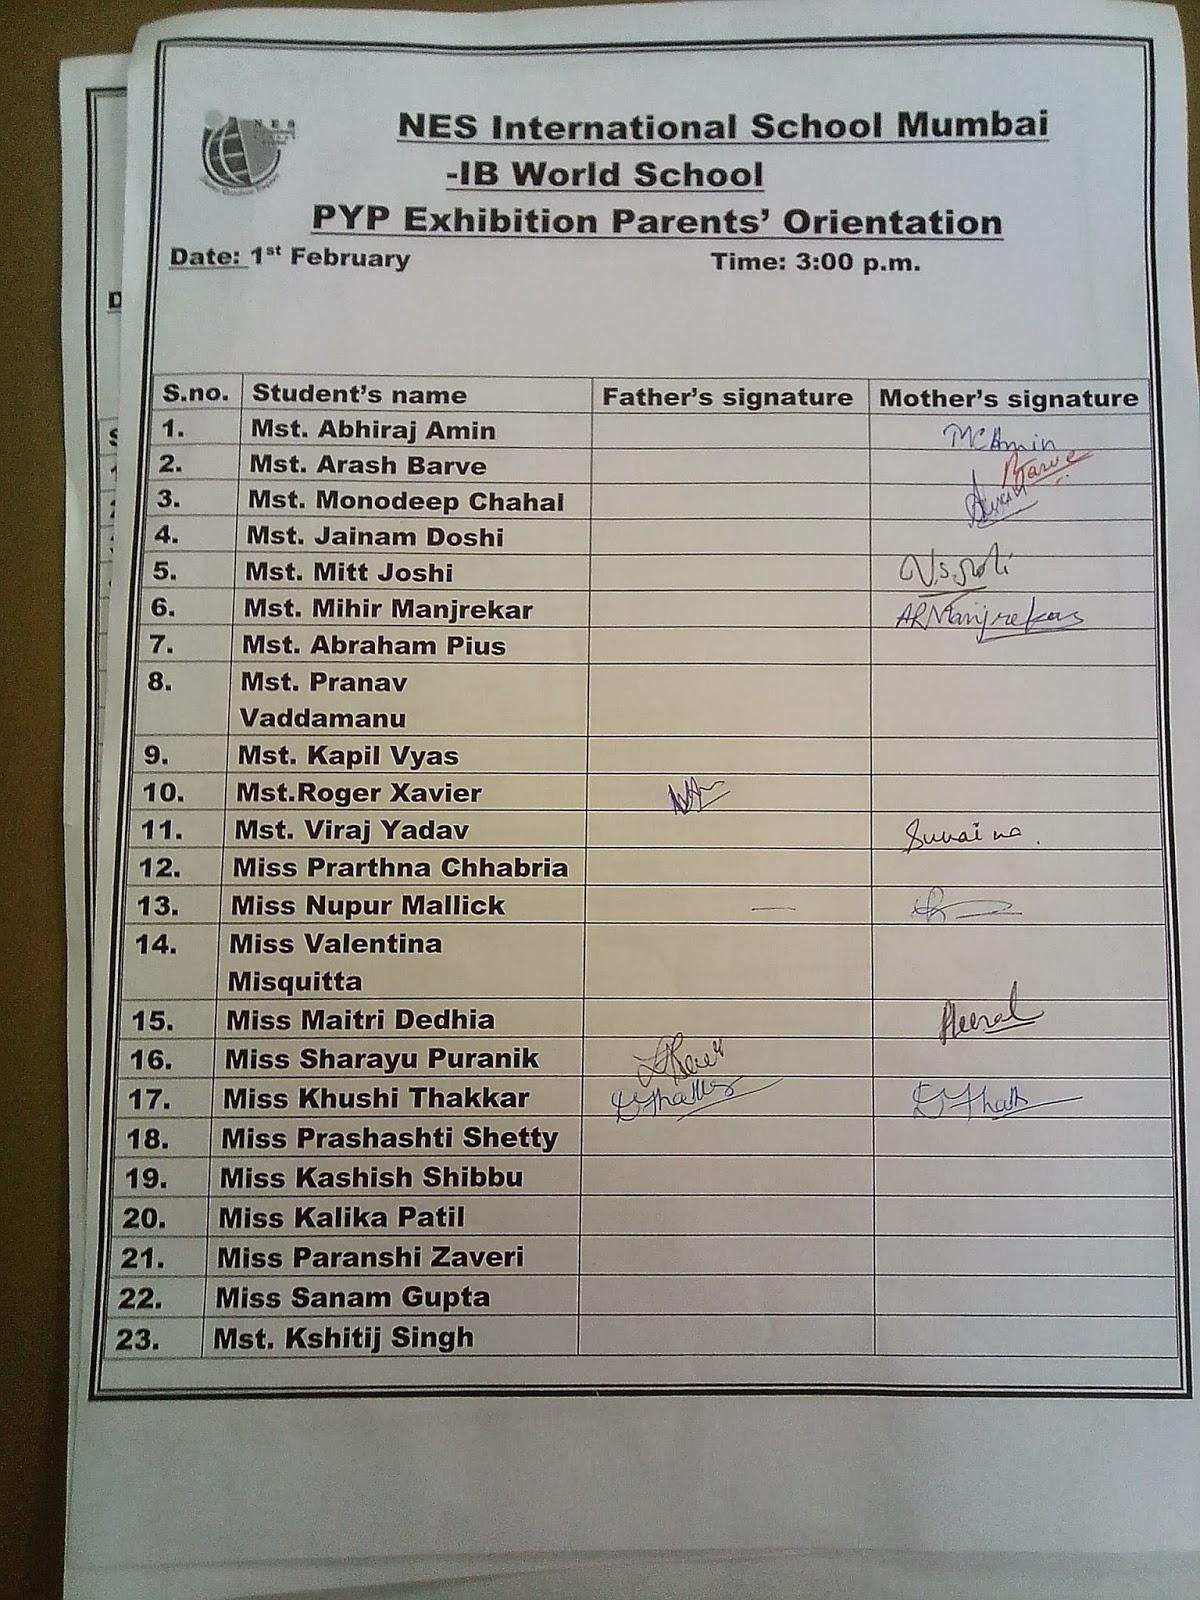 Nesism 14 Pyp Exhibition Pyp Exhibition Parent Orientation